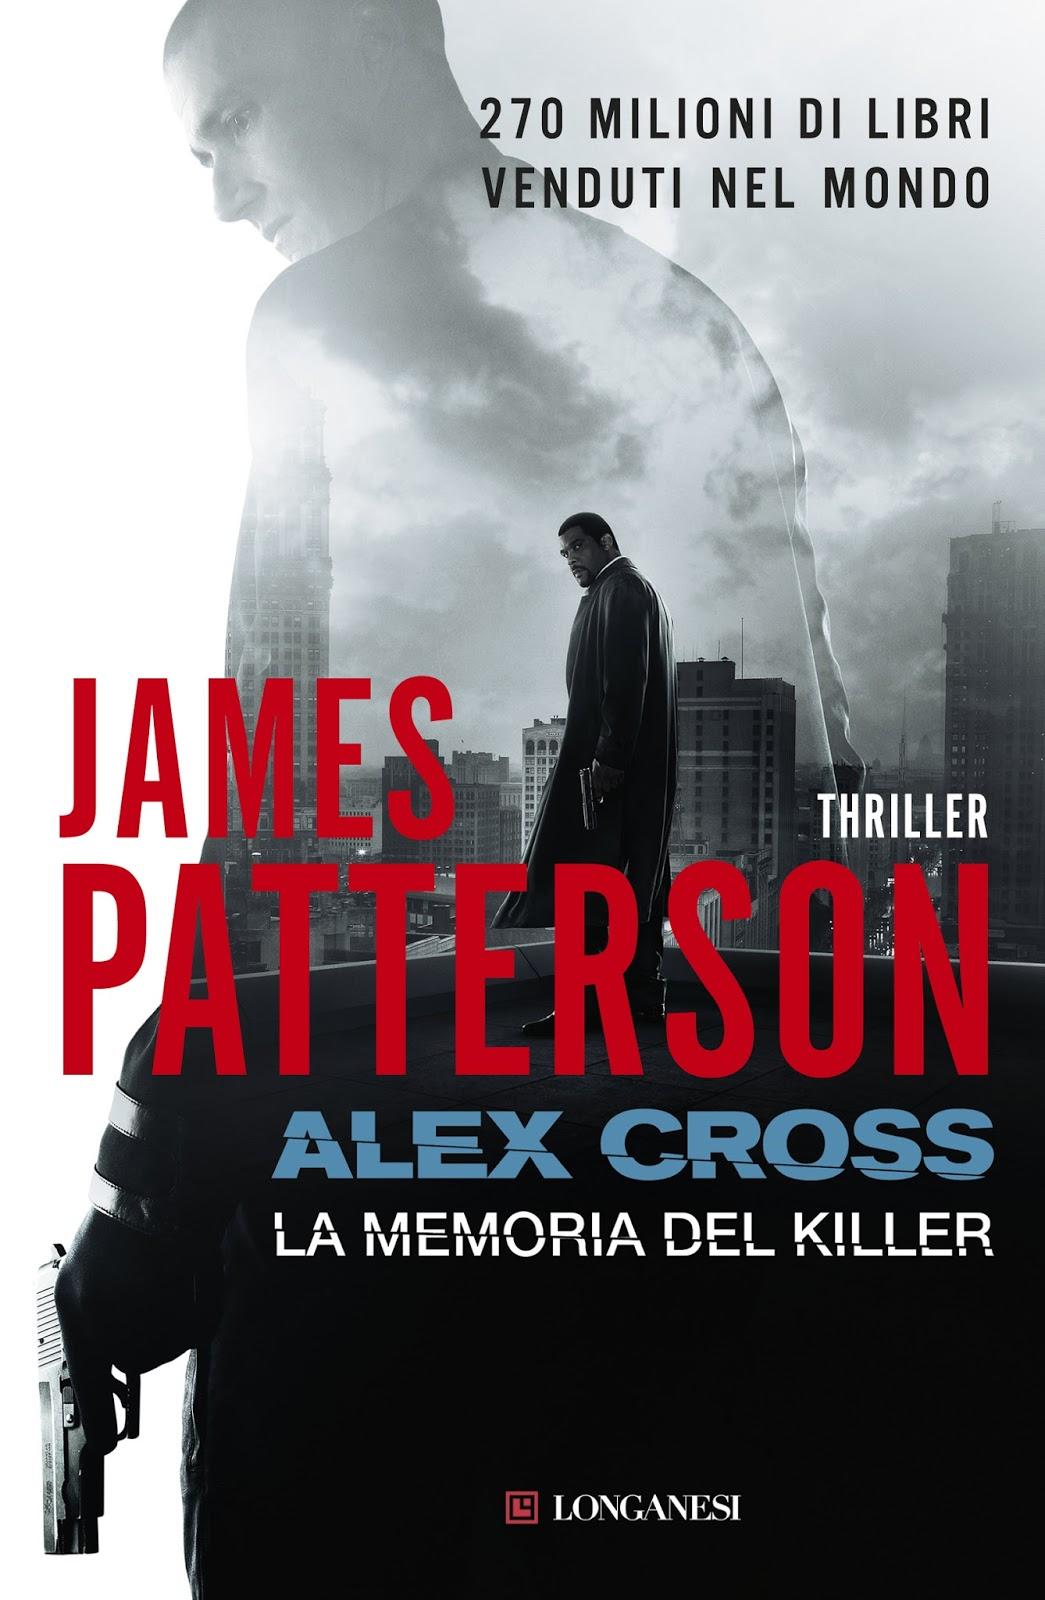 Patterson_La memoria del killer